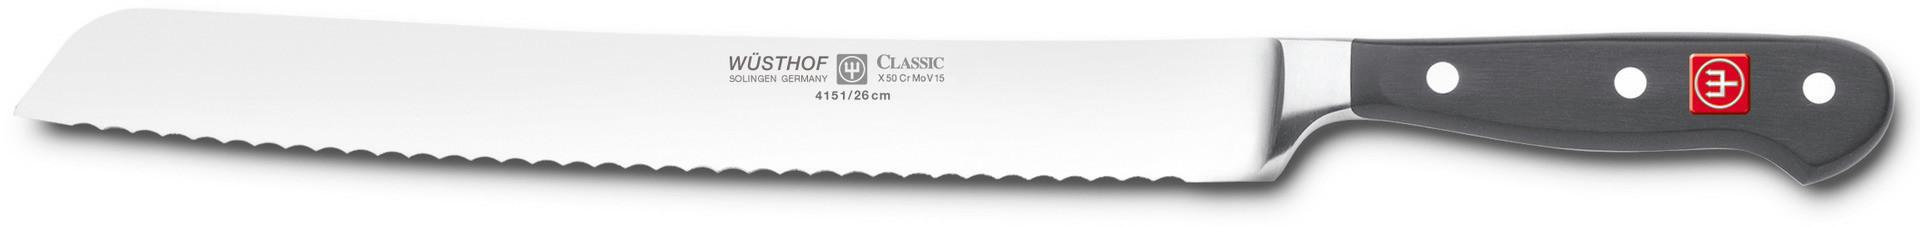 Classic, Brotmesser Klingenlänge 260 mm / 390 mm lang Wellenschliff